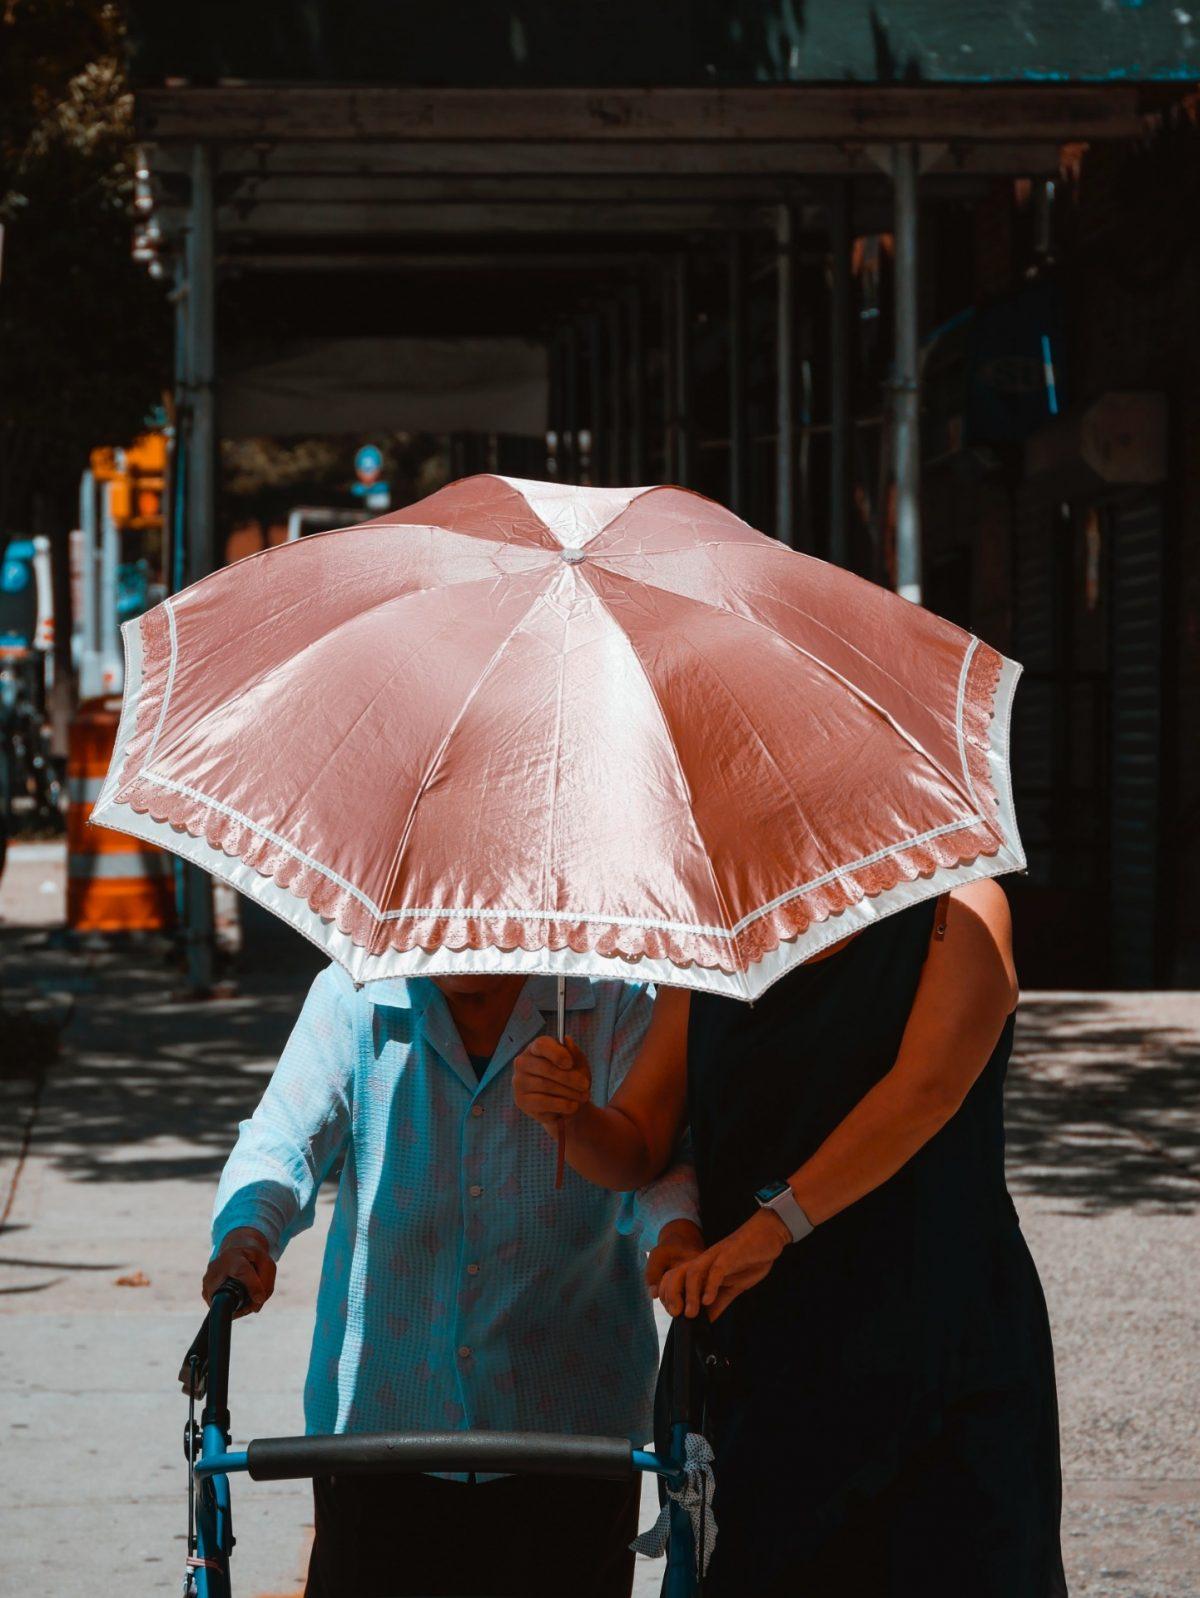 6 de marzo de 2020, una persona de la tercera edad se desplaza con andadera (Imagen: Unsplash)